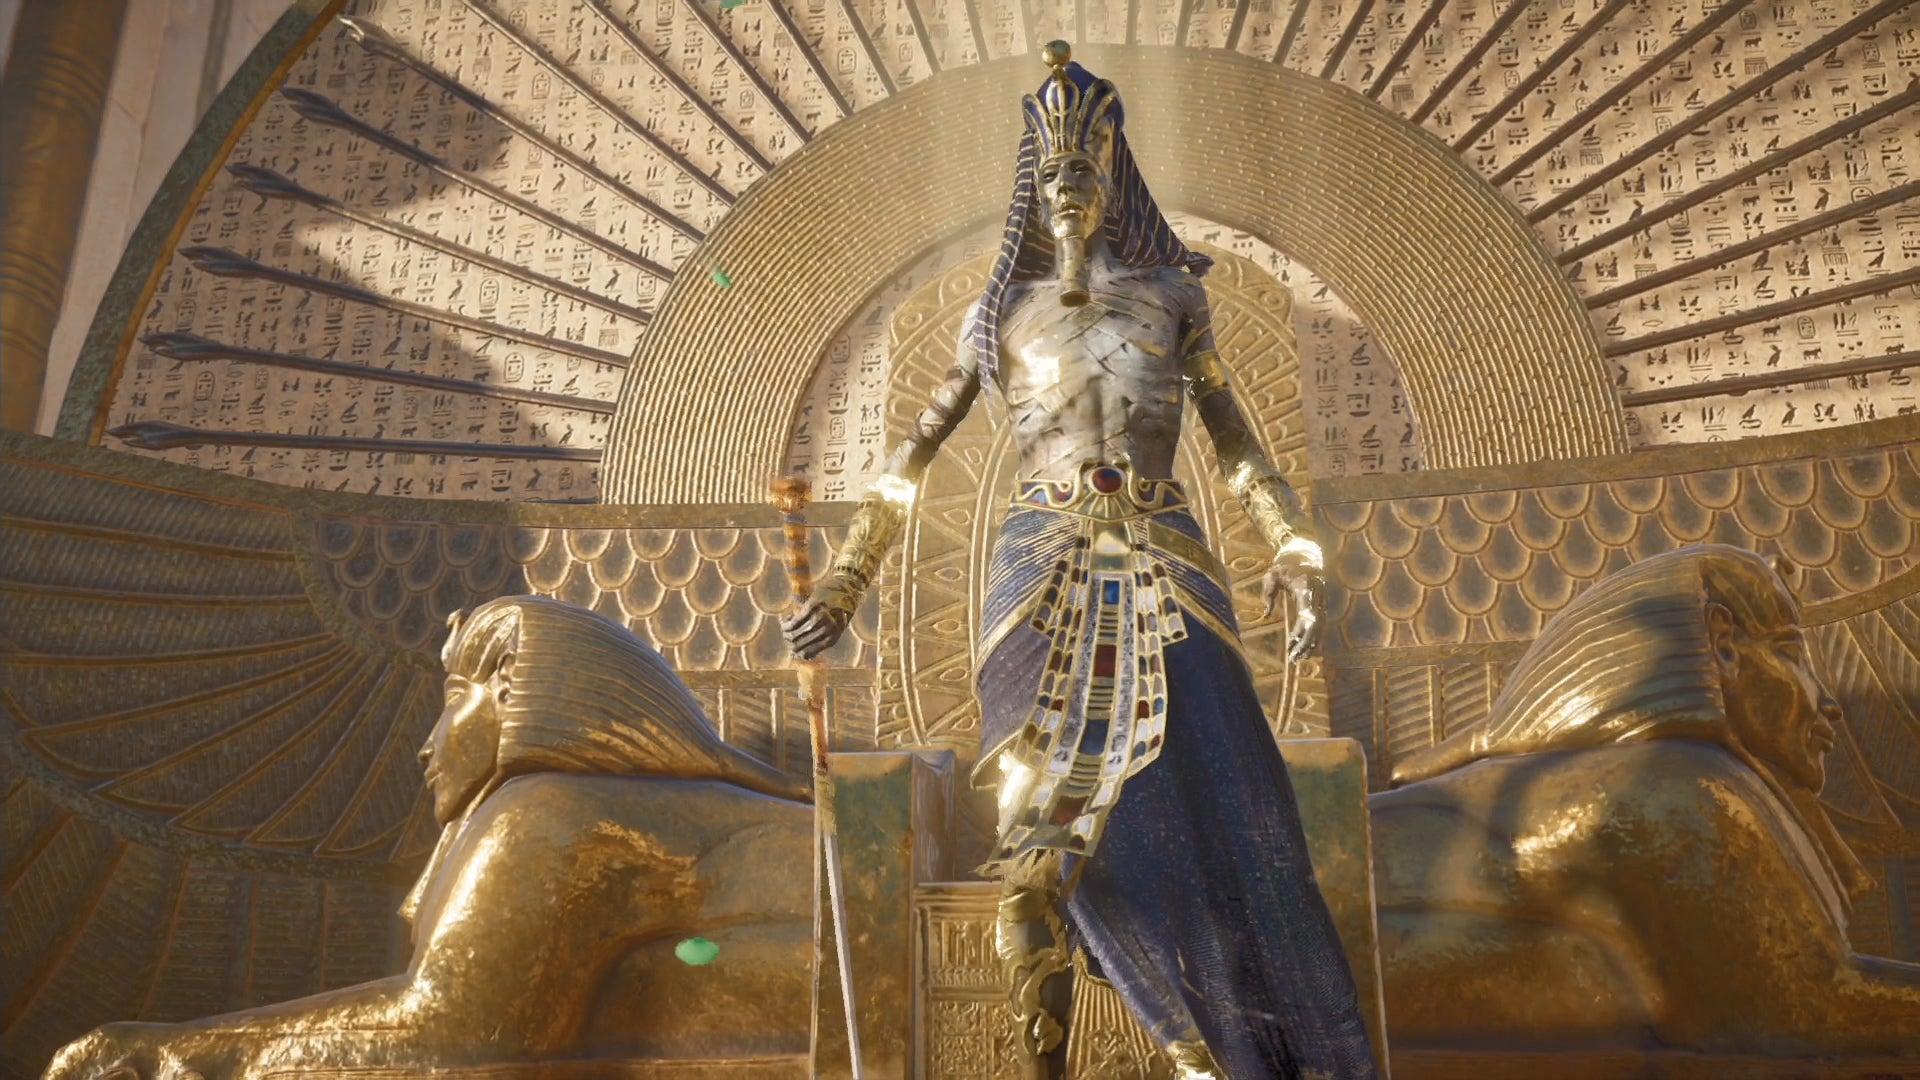 Nicolas Kraj interview - Assassin's Creed Origins Lead Game Designer